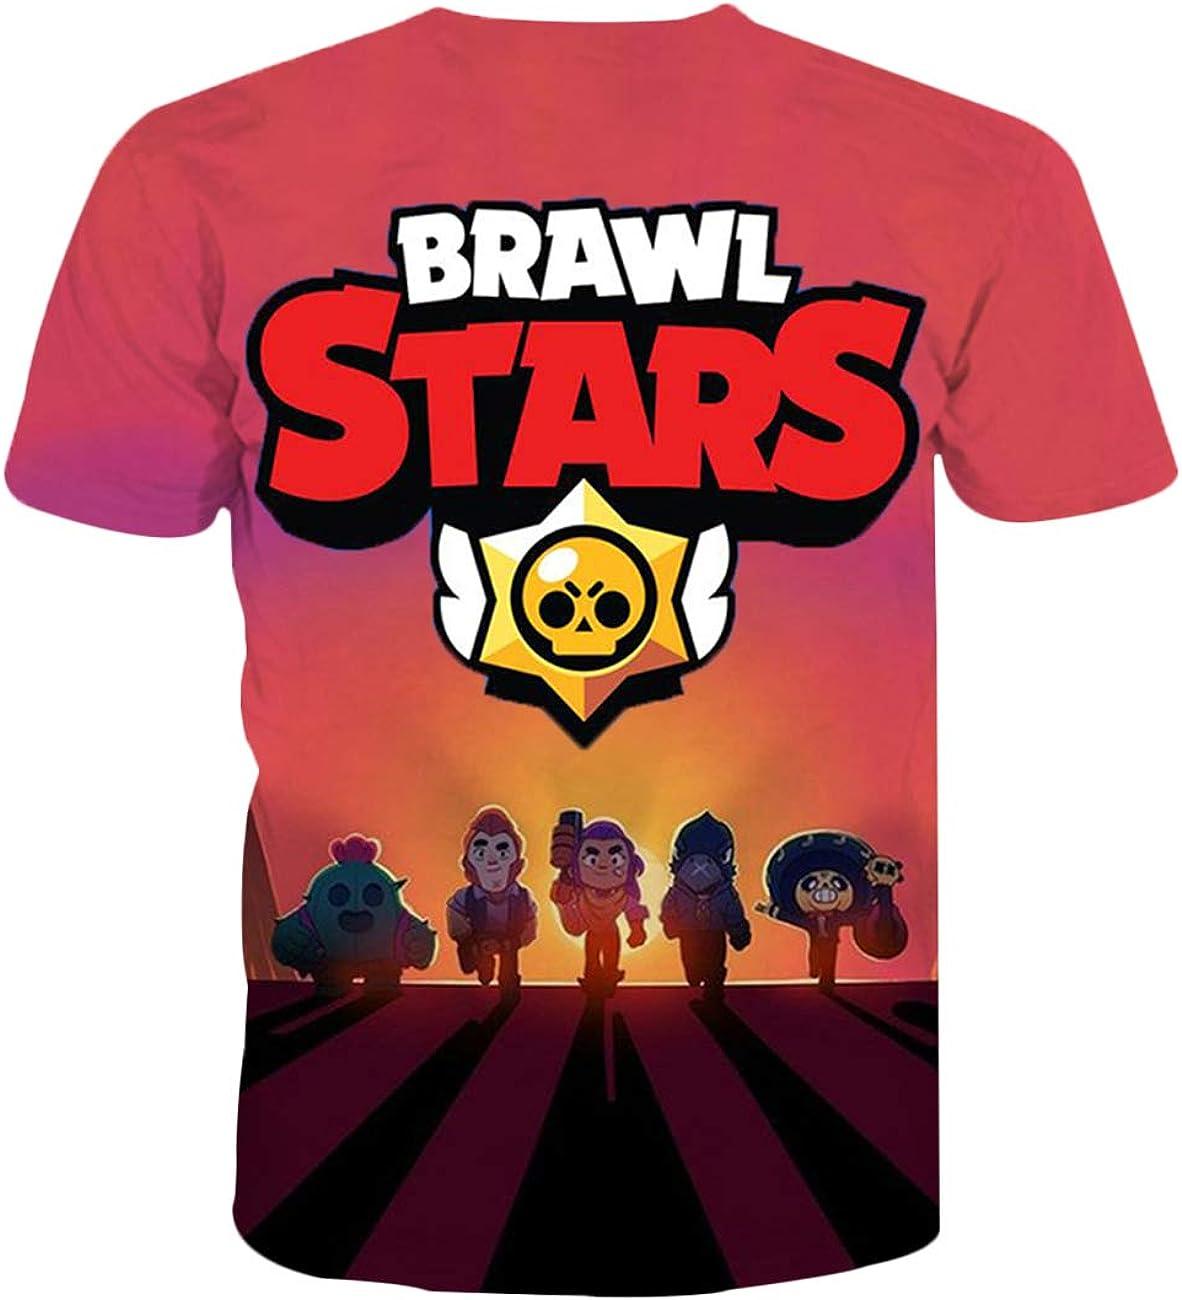 Uomo Maglietta Brawl Stars Maniche Corte Maglia con Stampa 3D Estate T-Shirt Tee Casuale Elegante Camicia Tops Camicetta Blusa Maglietta da Ragazzo Bambini